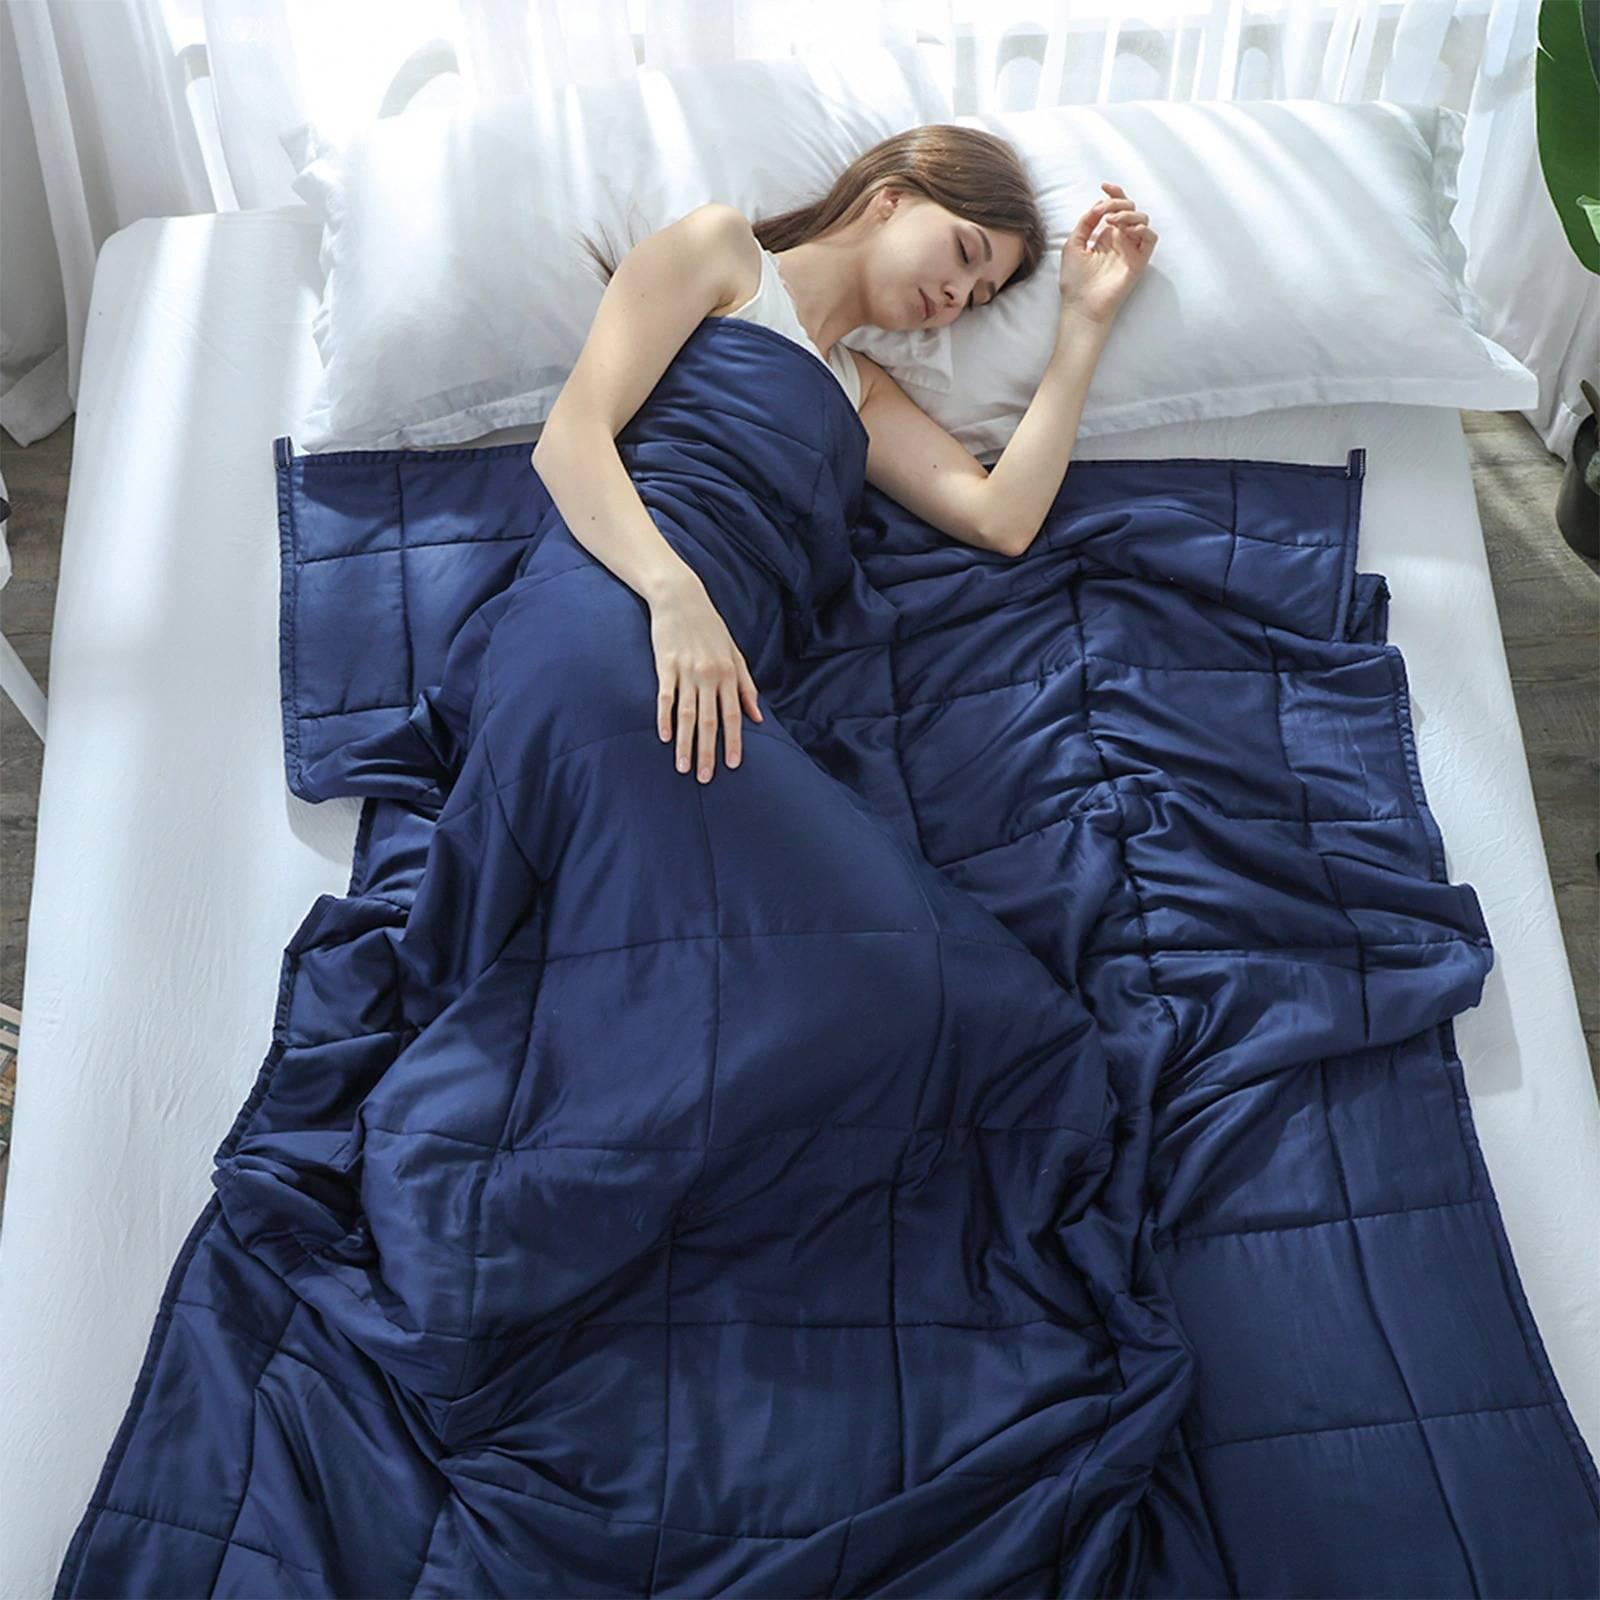 Femme utilisant une couverture lestée dans un lit